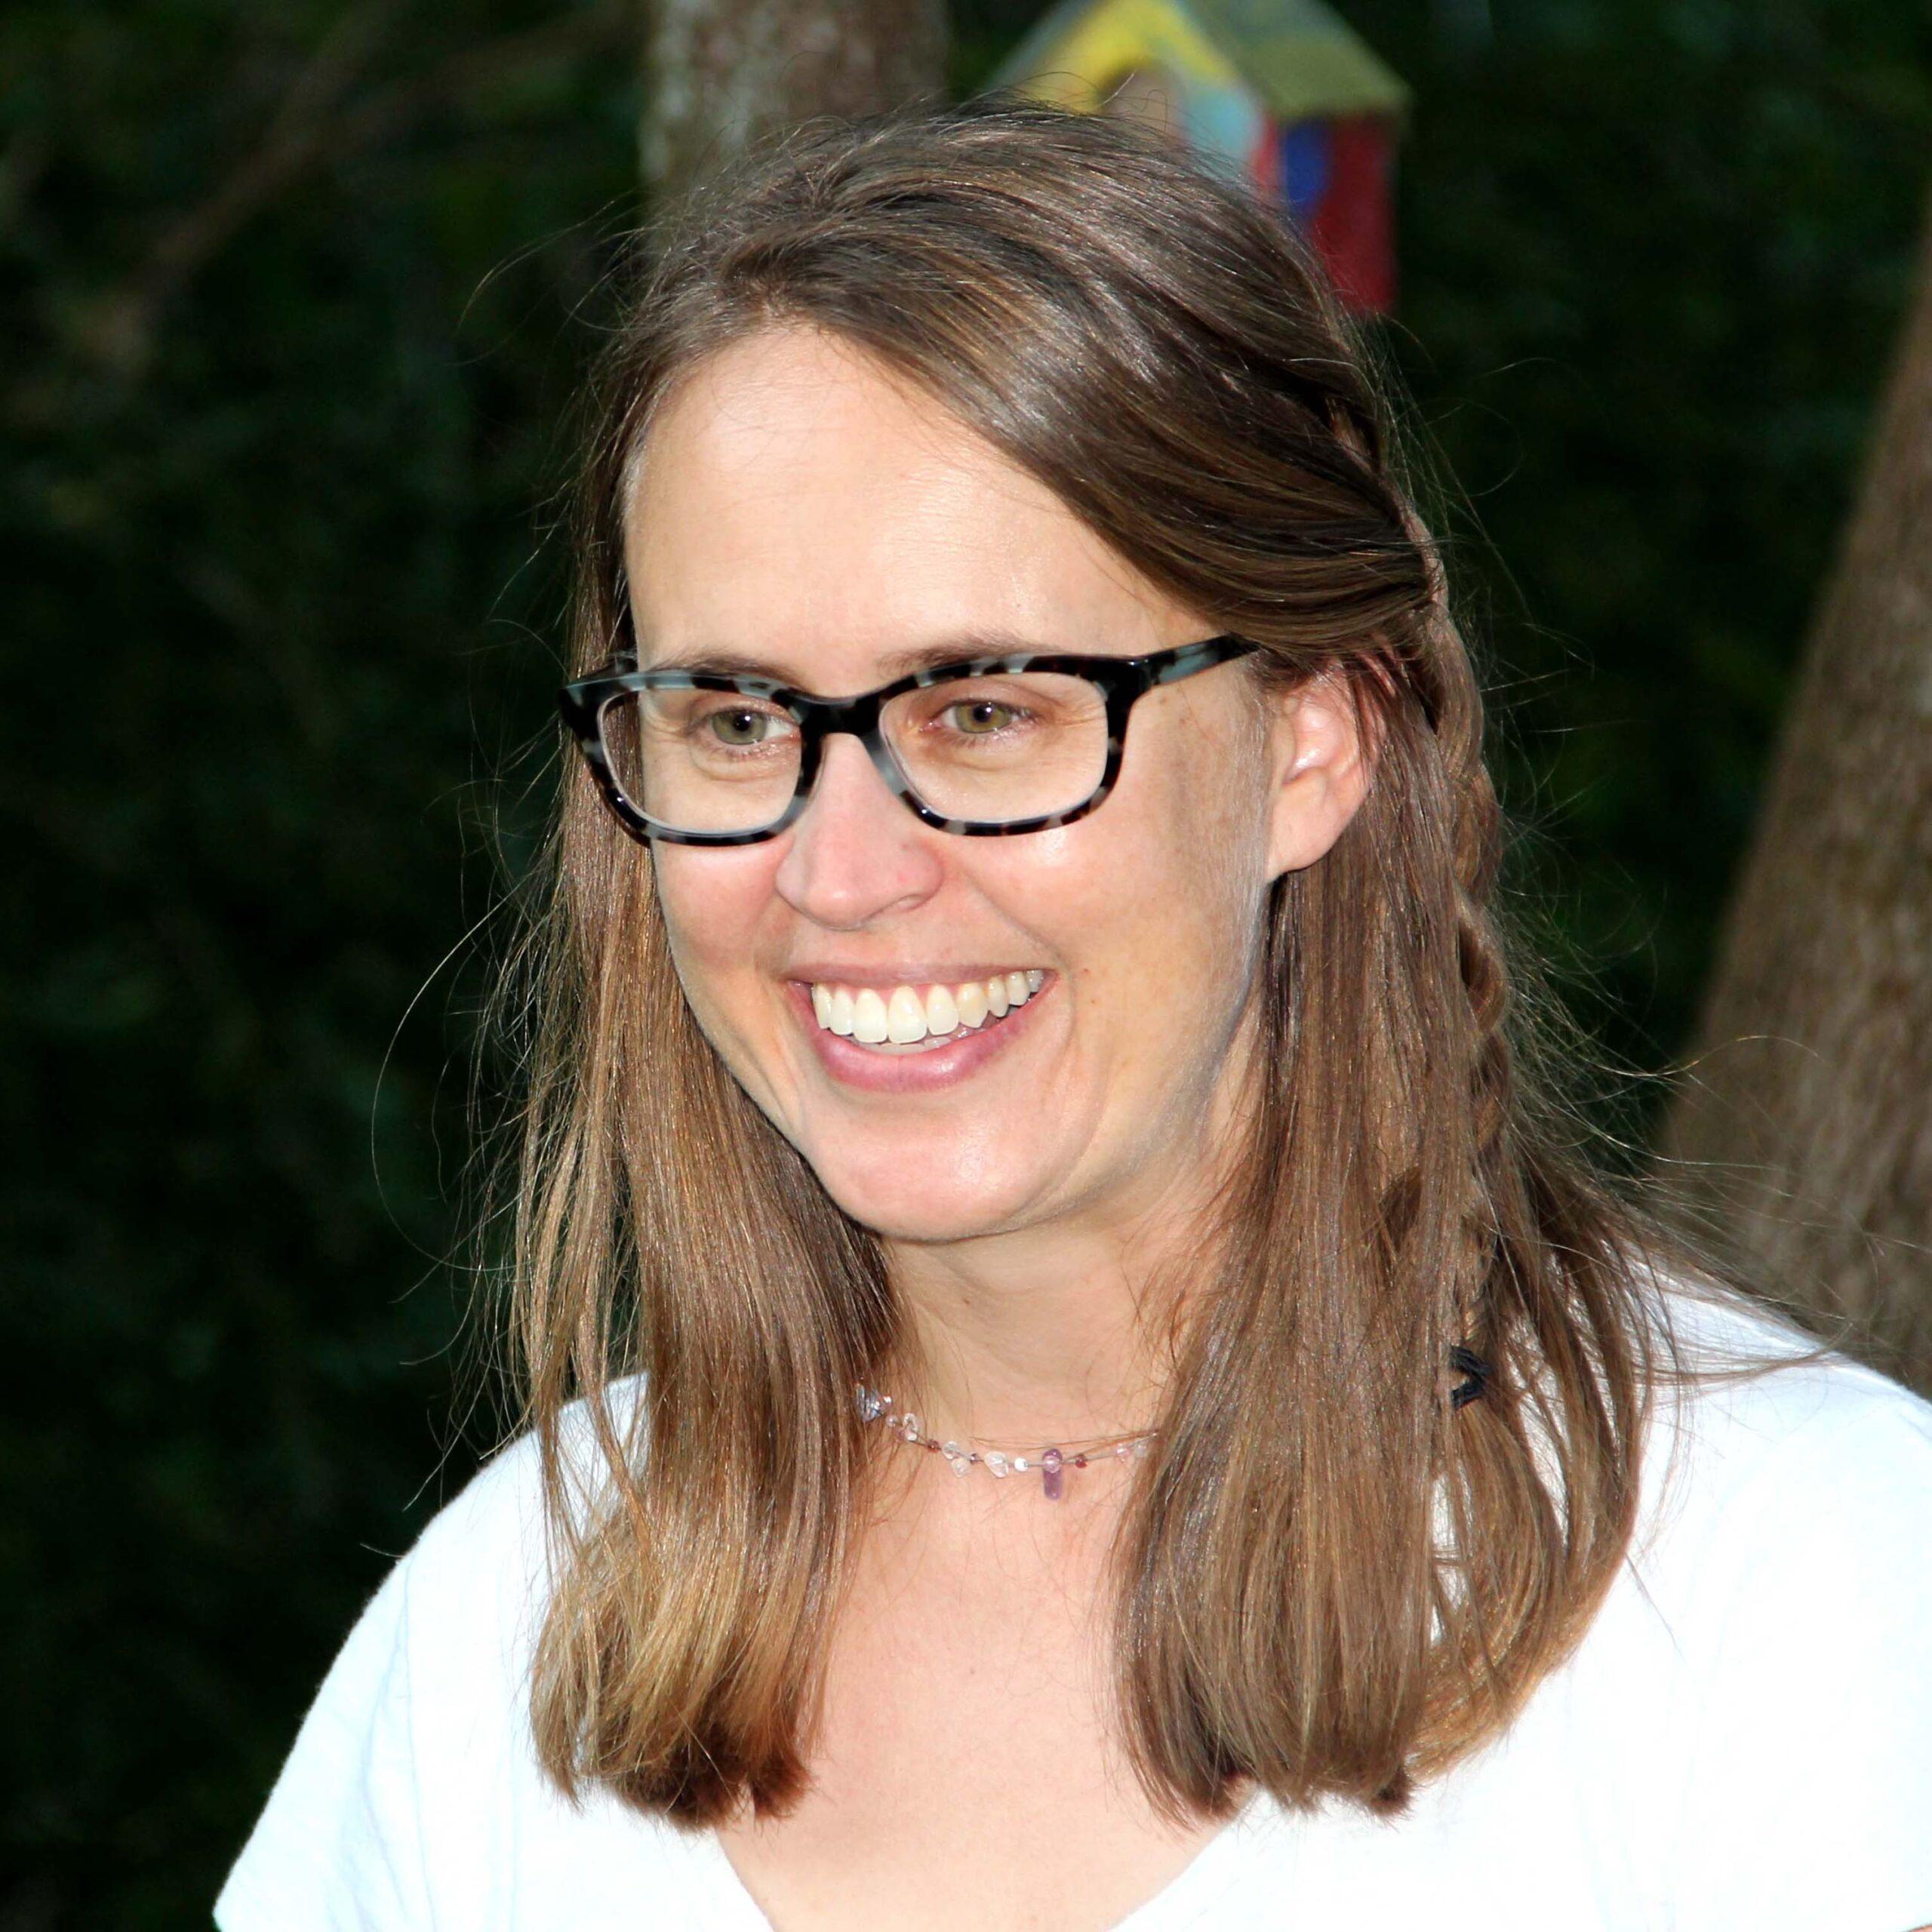 Carrie Meadows